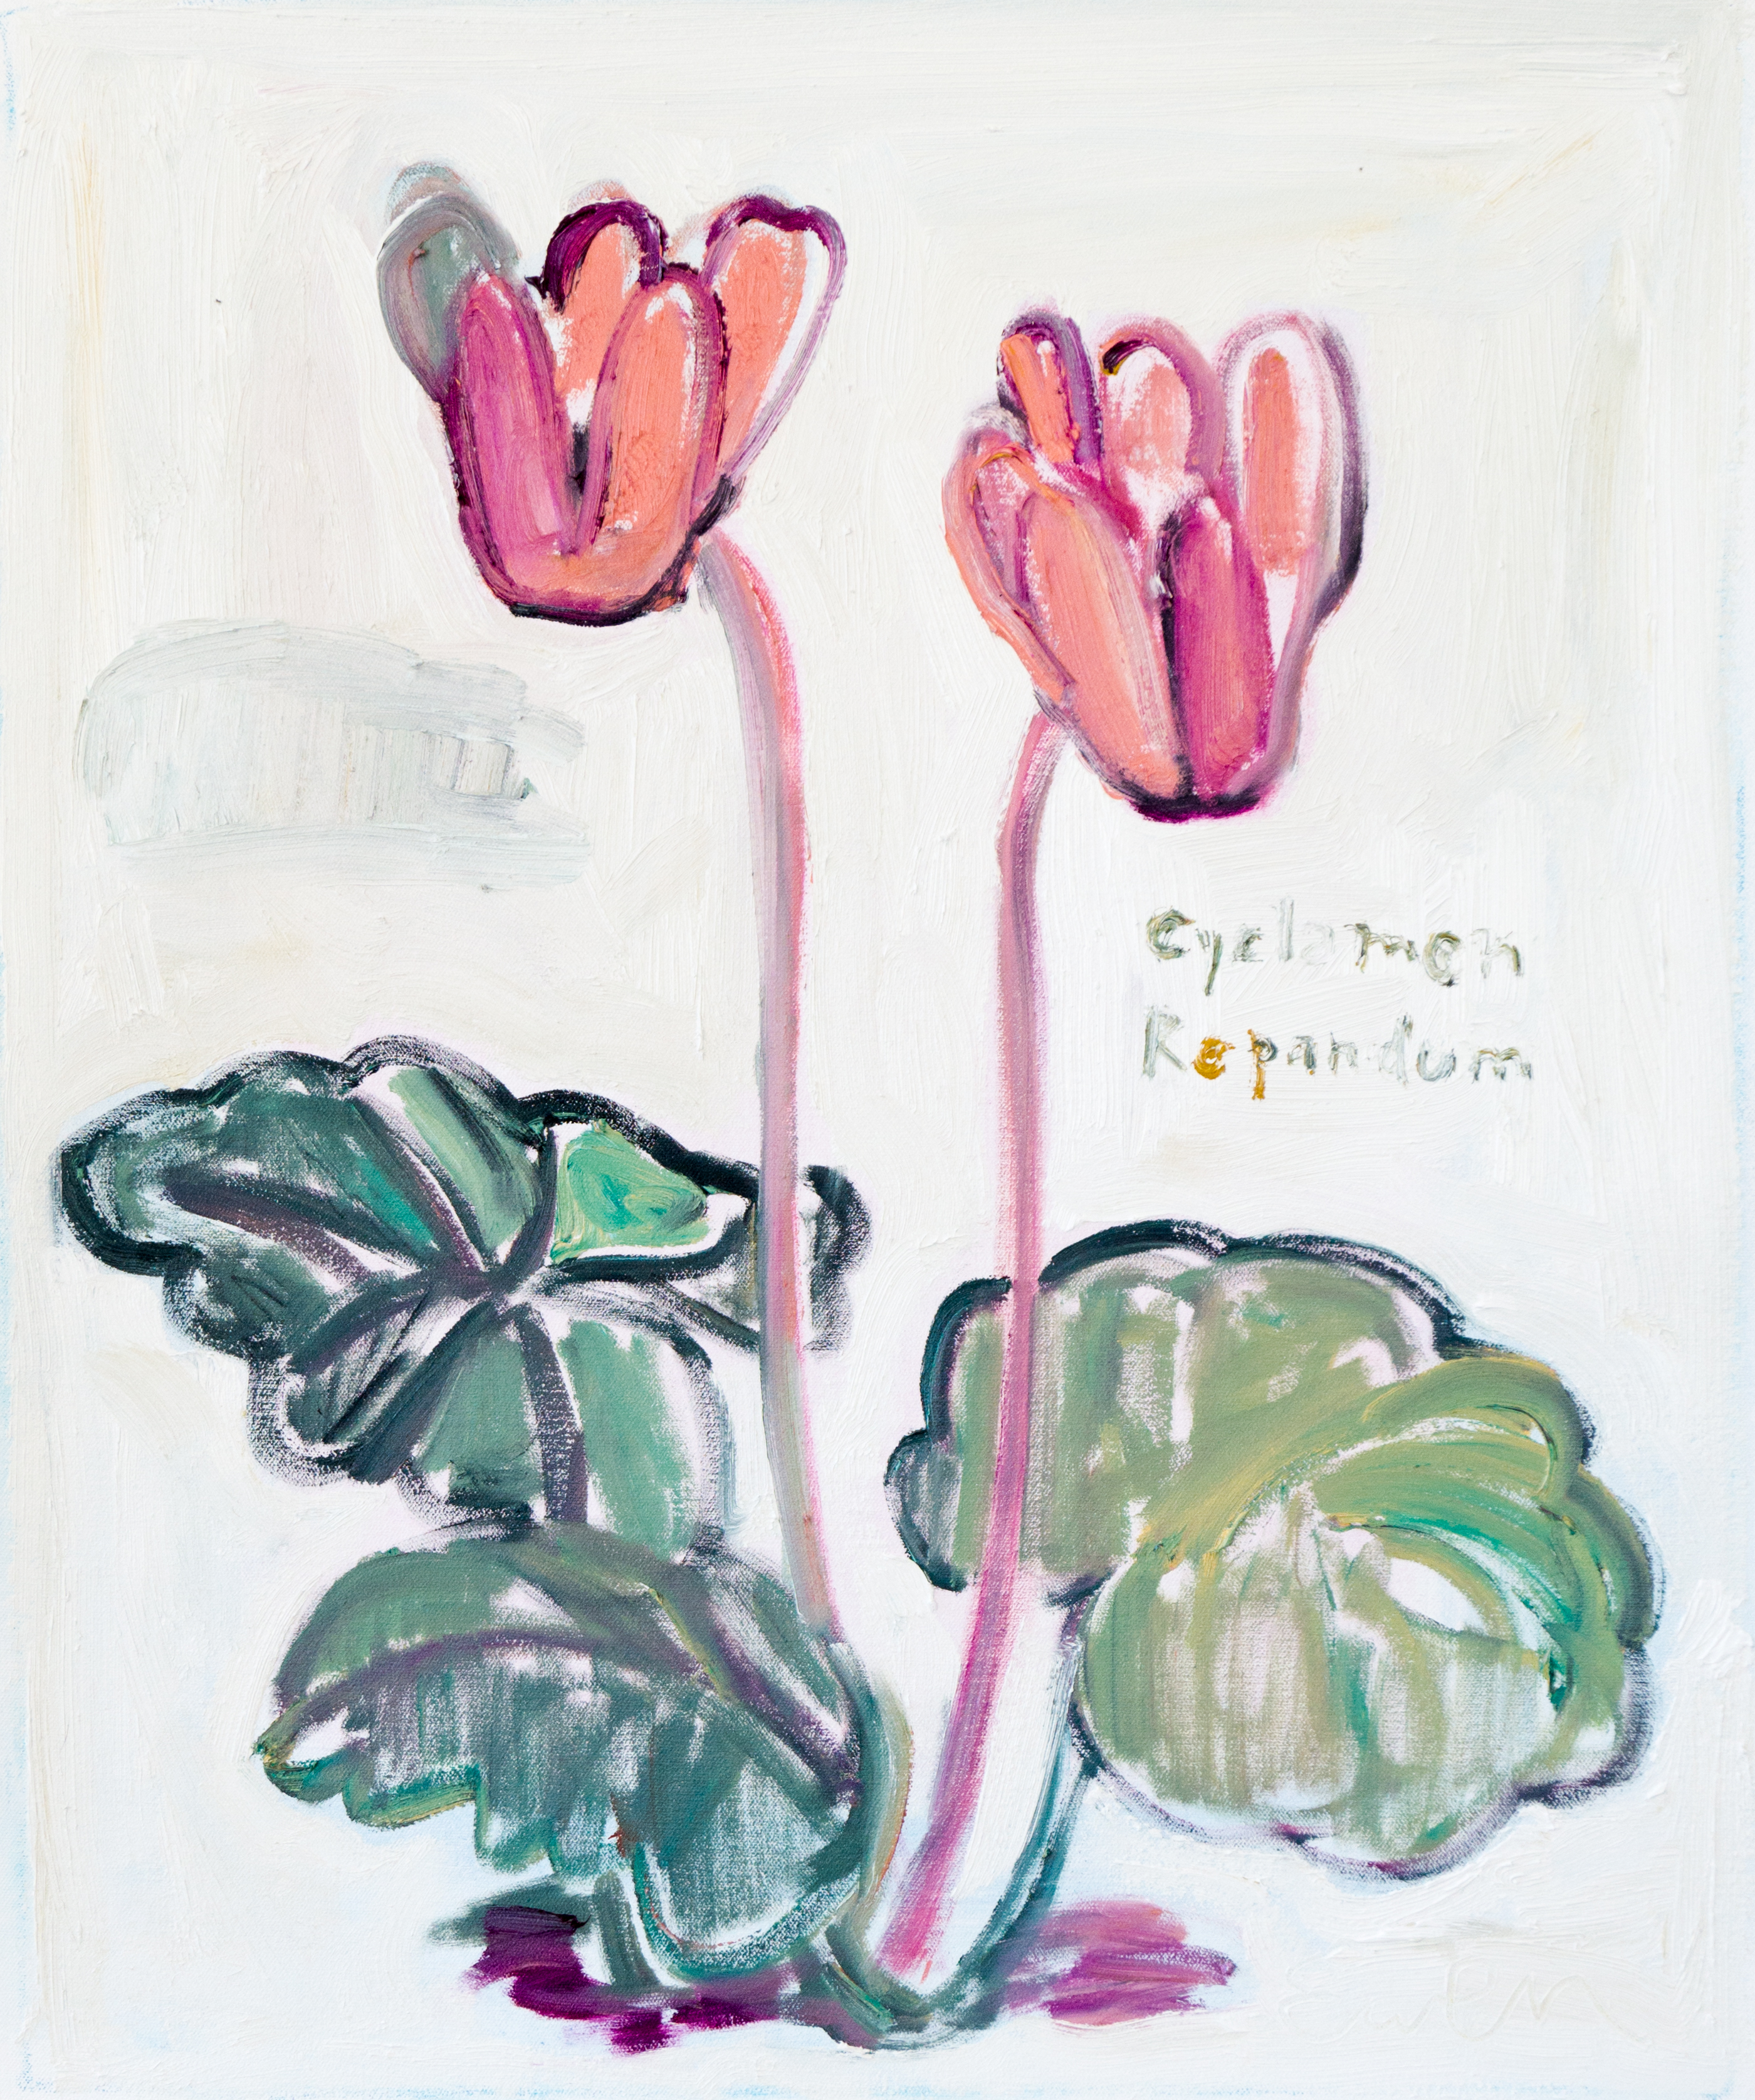 STRANGE FLOWERS FOR DARK TIMES